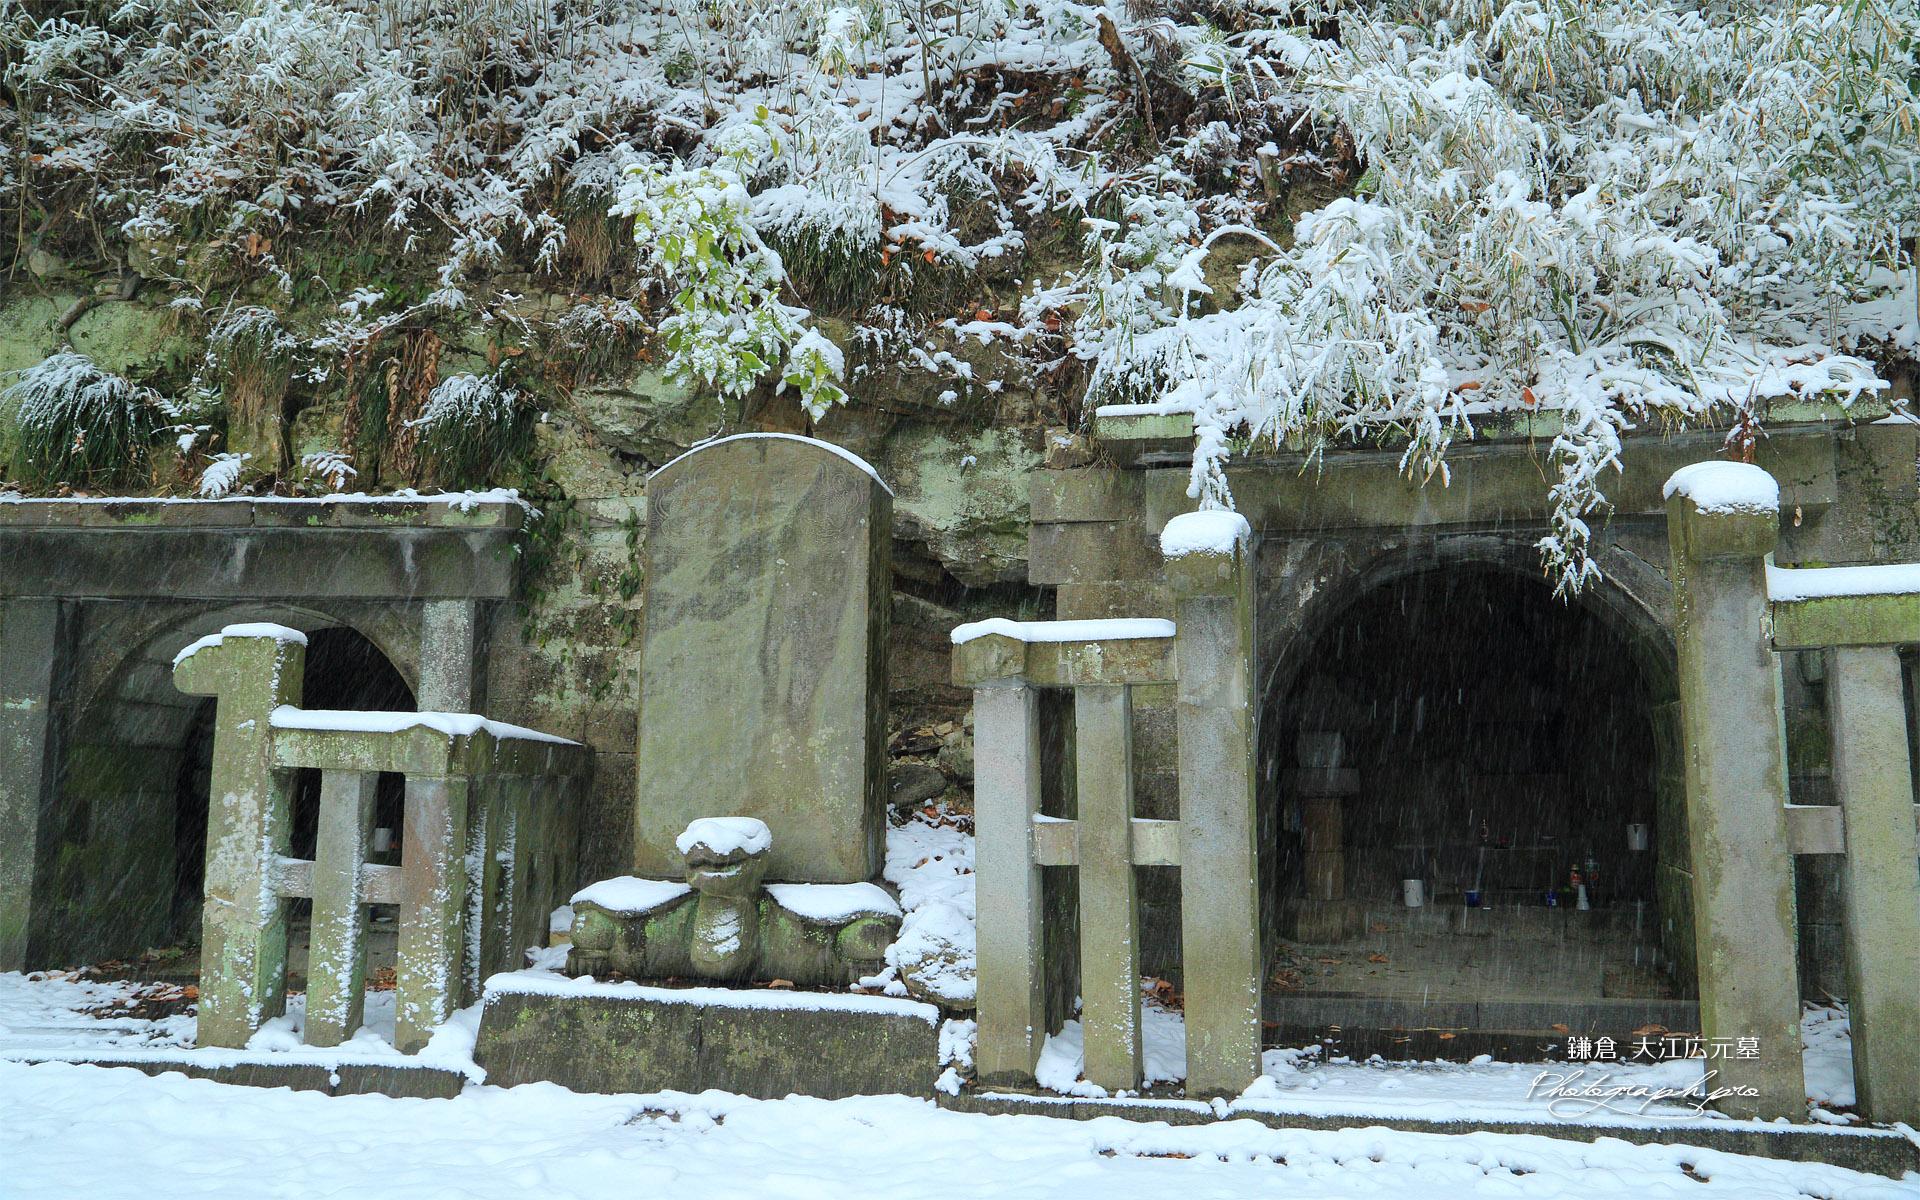 雪降る大江広元墓 「雪降る大江広元墓」の壁紙はWUXGAディスプレイ(1920x12...